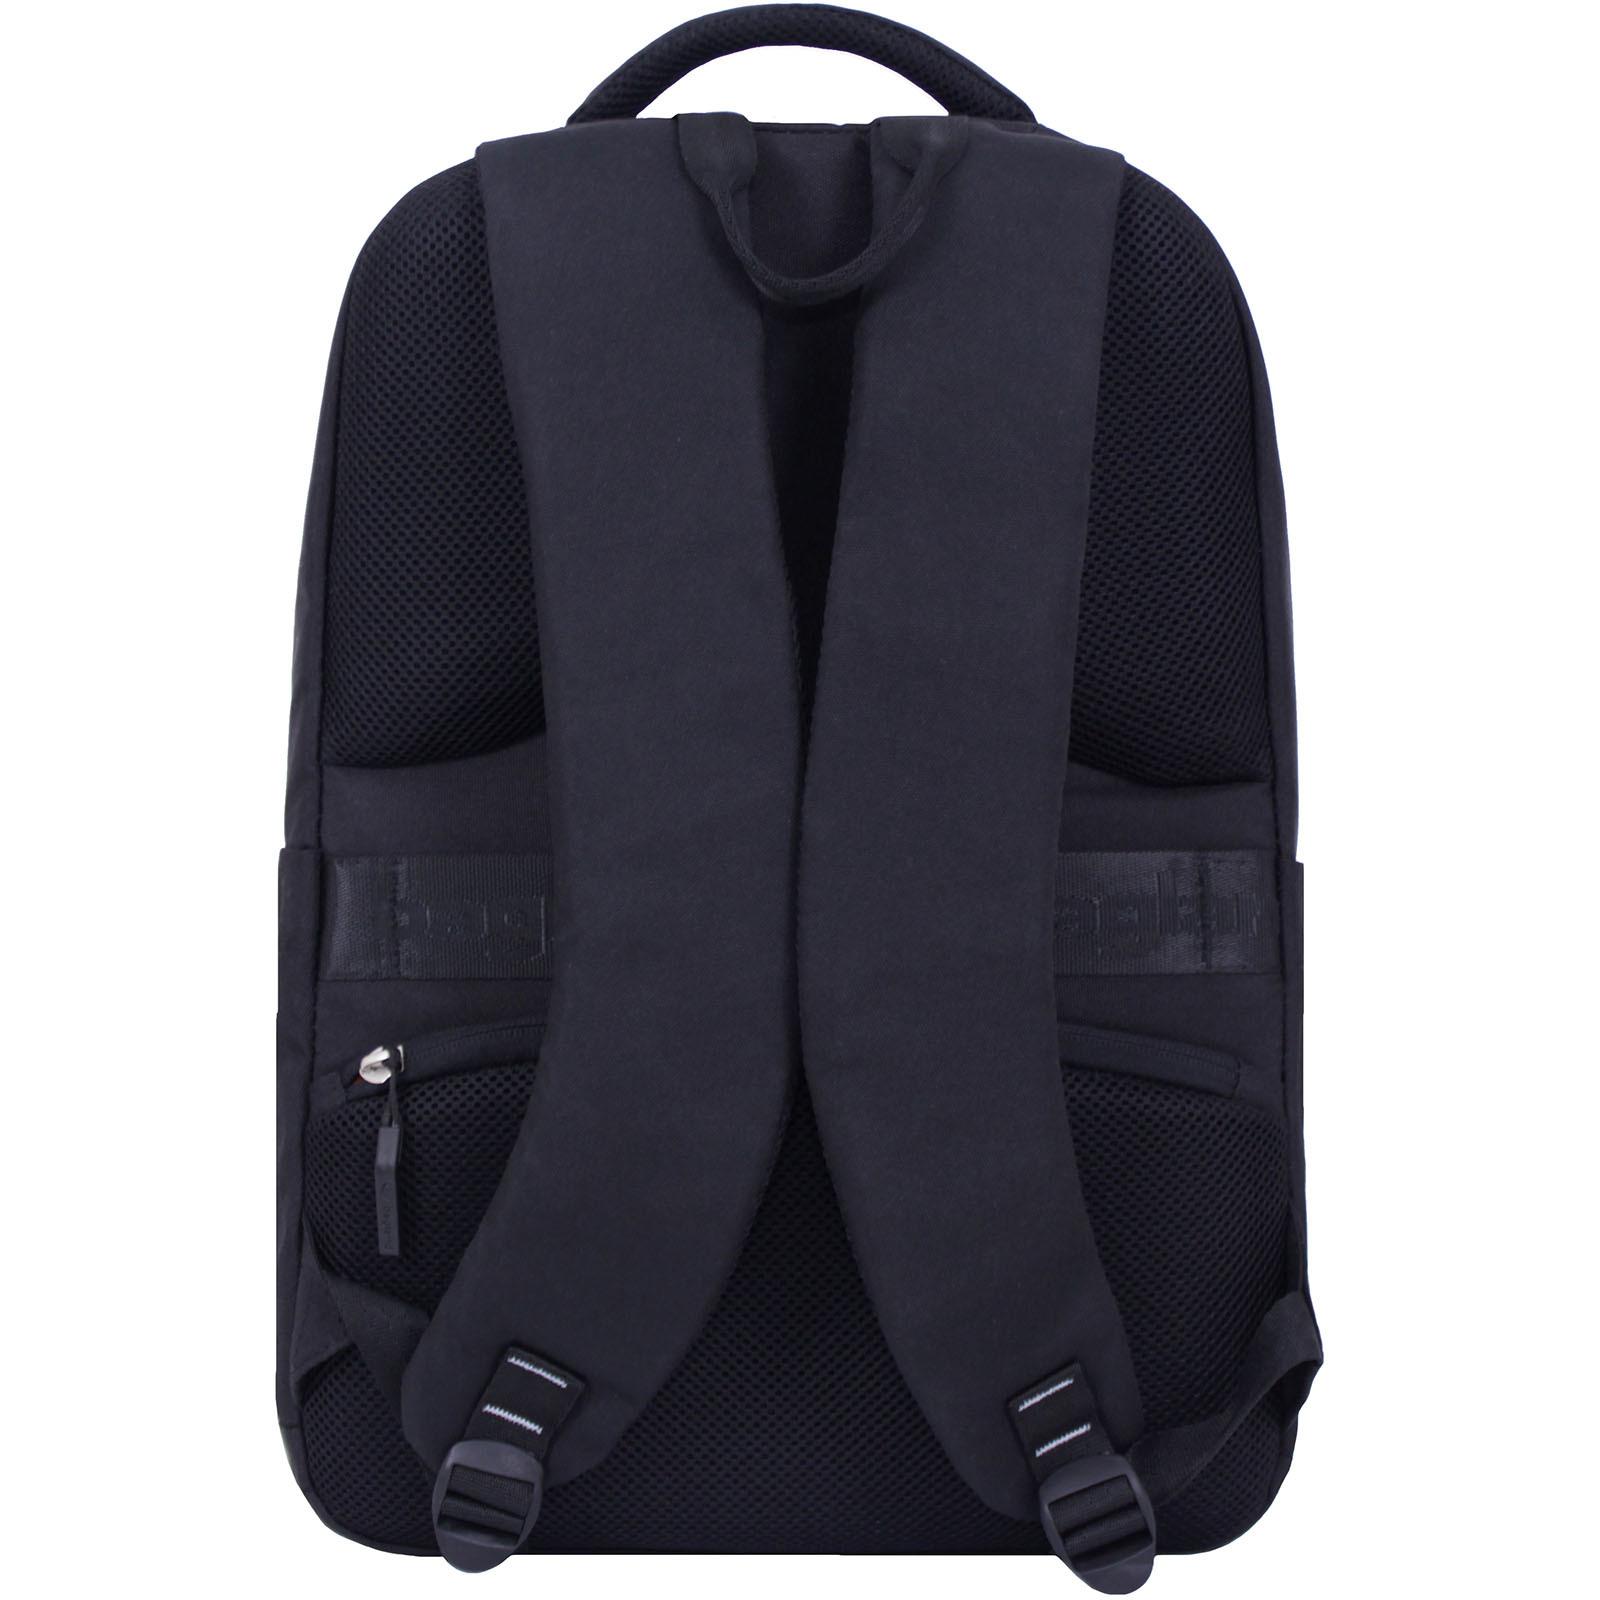 Рюкзак школьный Bagland STARK черный (0014366) фото 3